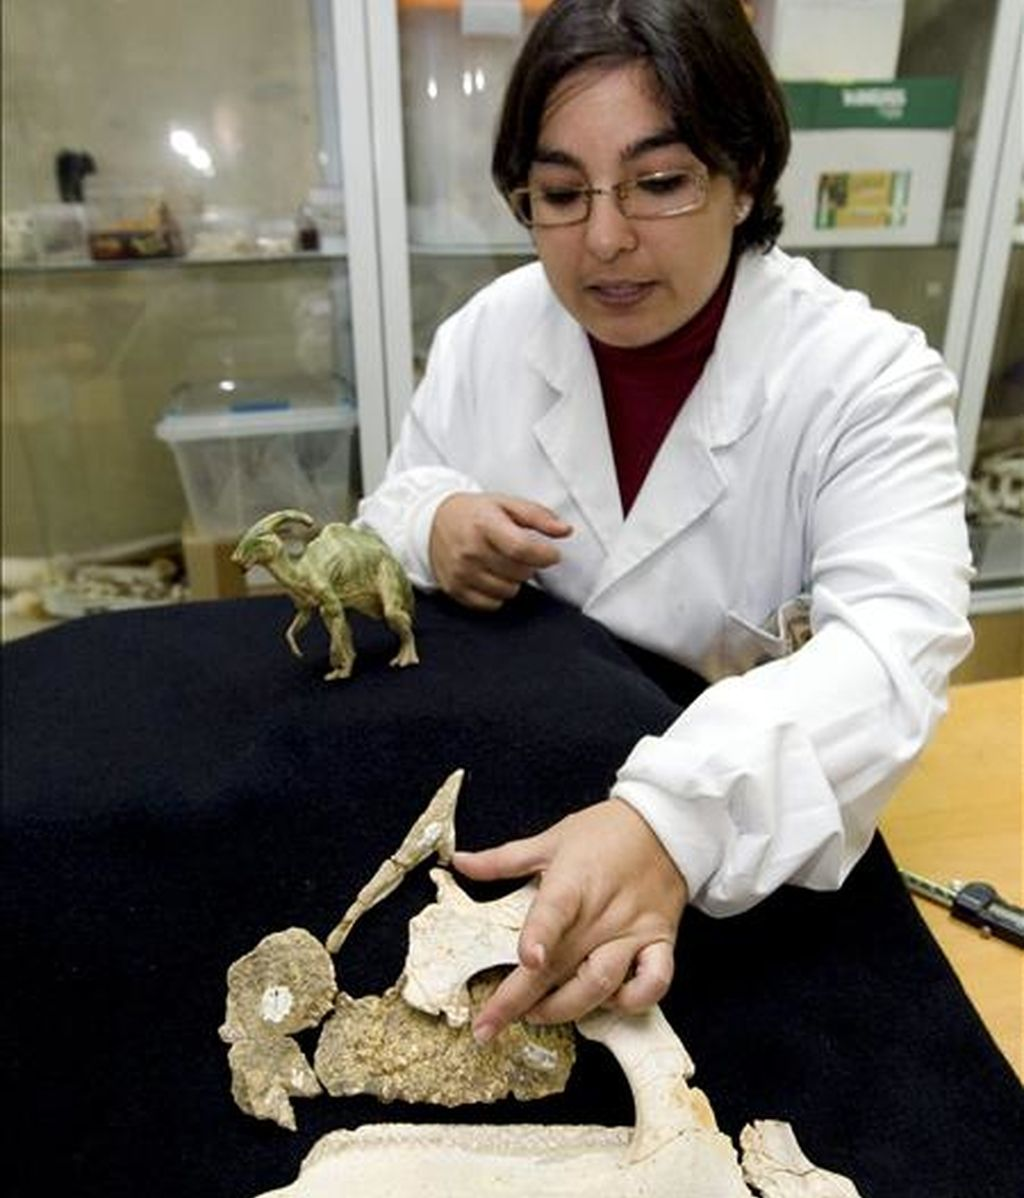 Penélope Cruzado, paleontóloga del grupo de investigación Aragosaurus-IUCA de la Universidad de Zaragoza muestra los fósiles de la cabeza de un dinosario que científicos de Zaragoza, Asturias y el País Vasco han descubierto en la localidad de Arén (Huesca). Se trata de una especie de dinosaurio perteneciente al grupo de los hadrosáuridos (picos de pato), que se creía que nunca había existido en Europa. EFE